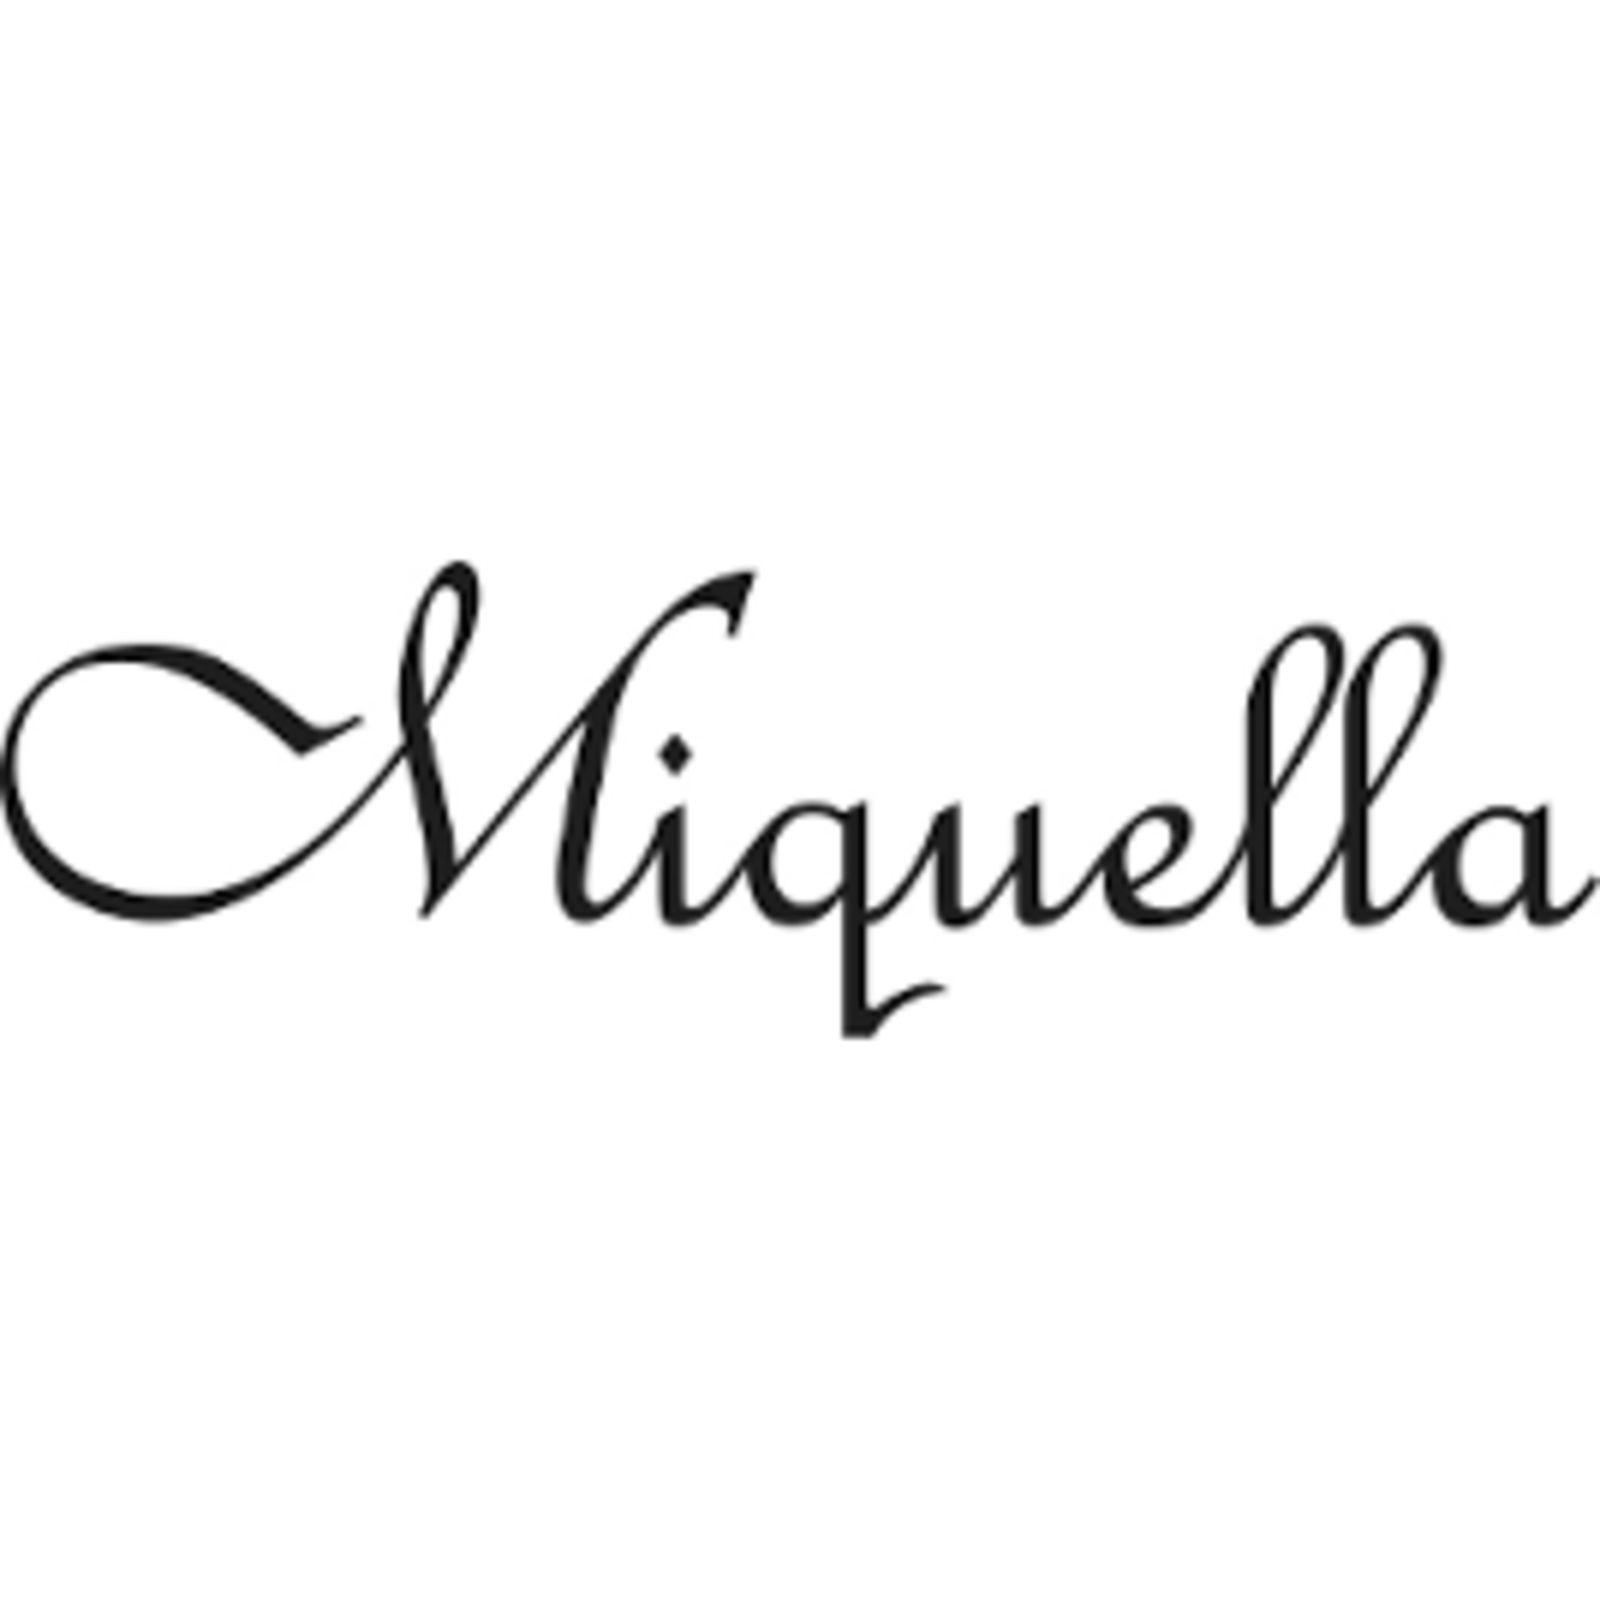 Miquella